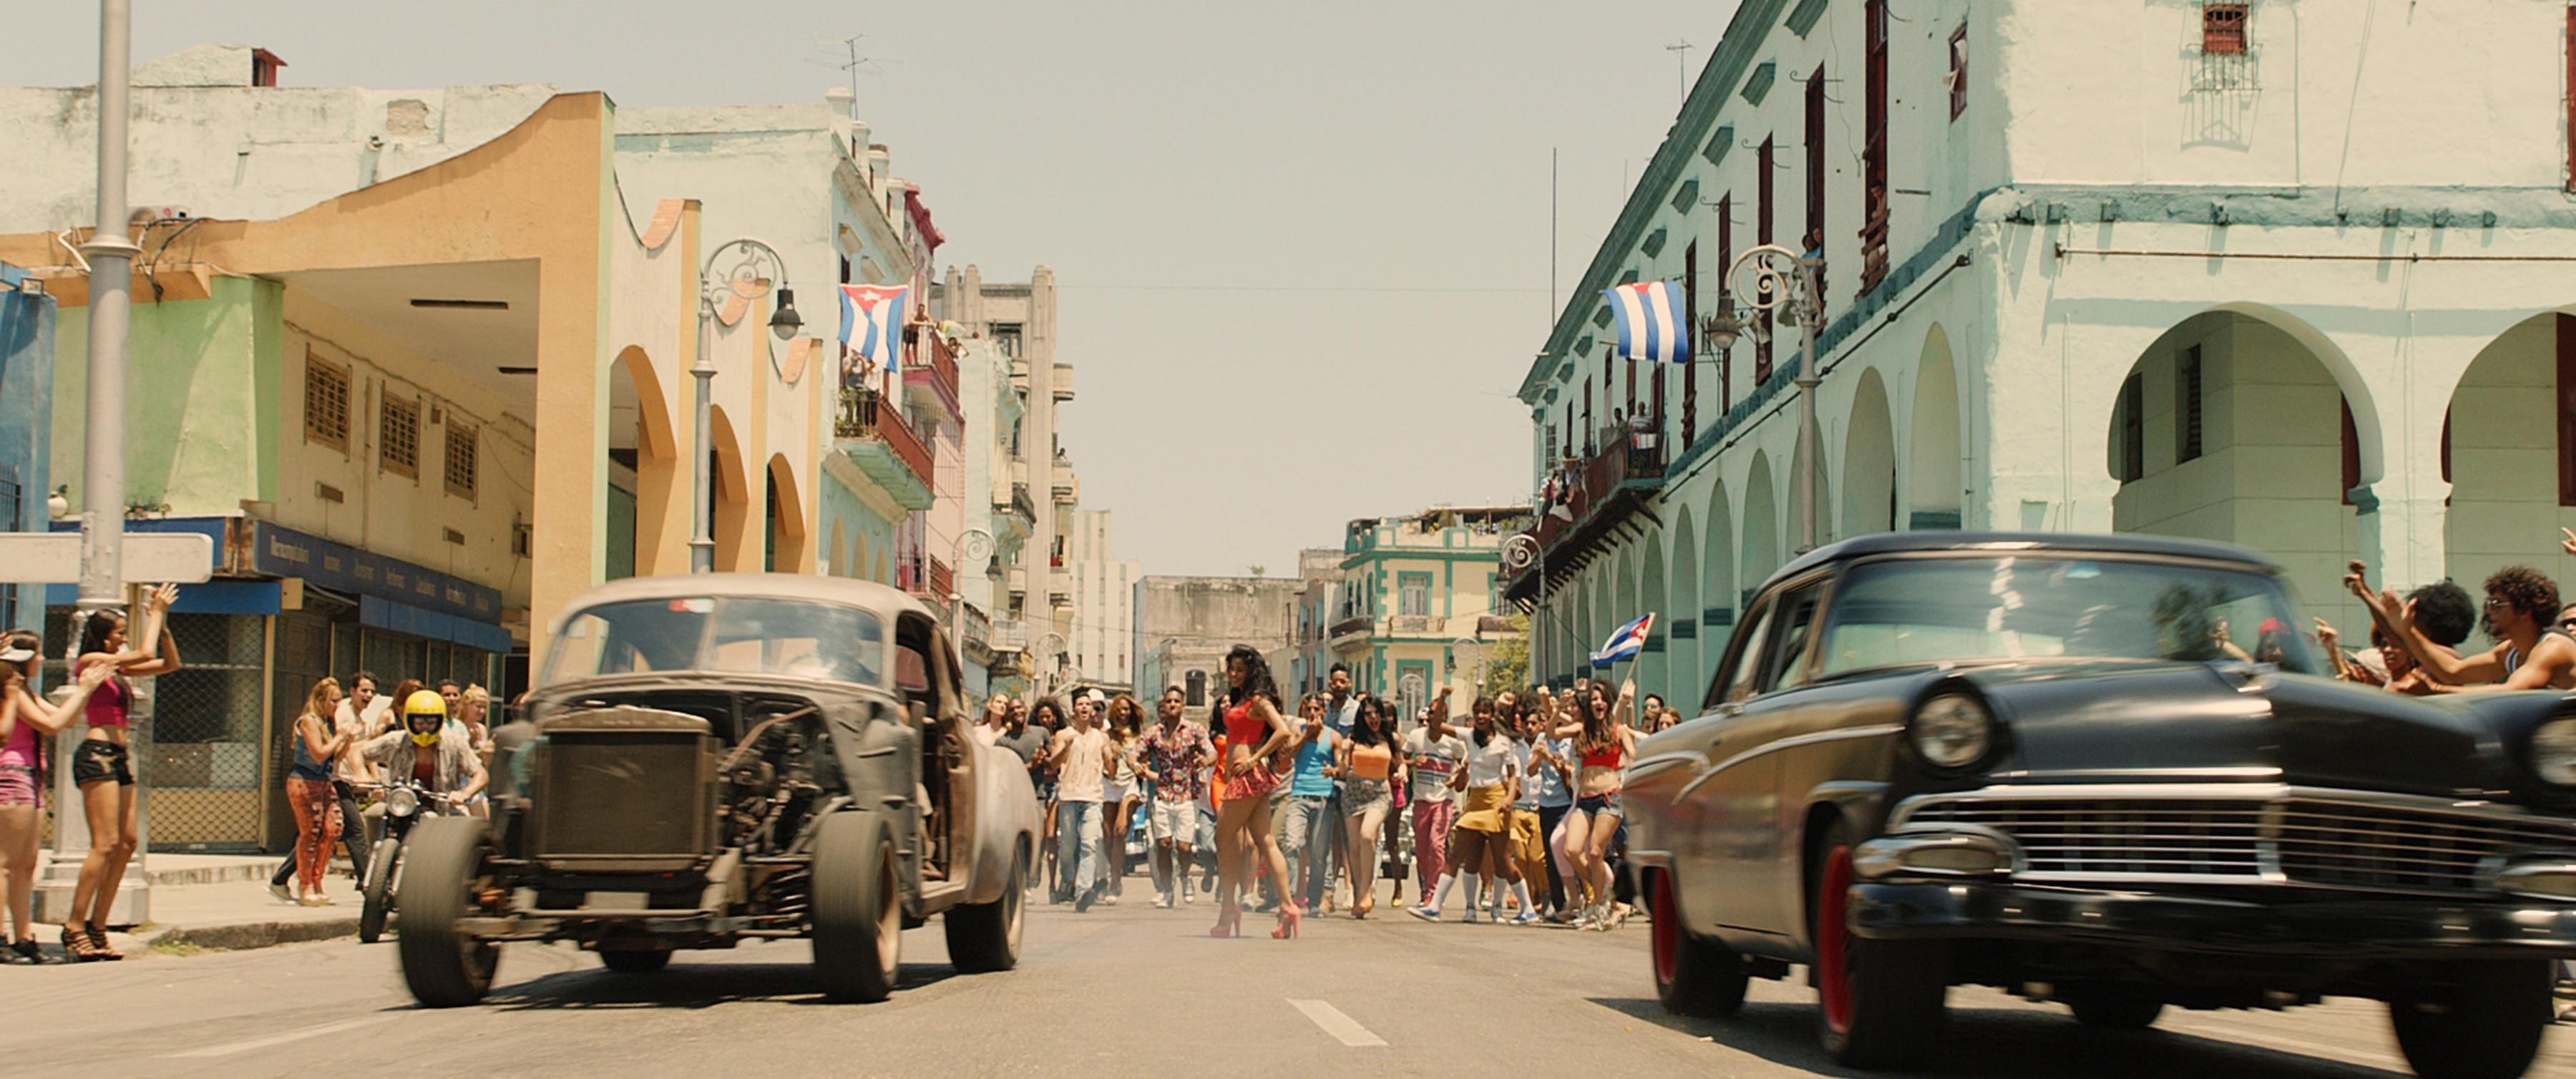 форсаж 8 кубинский гонщик тем другим